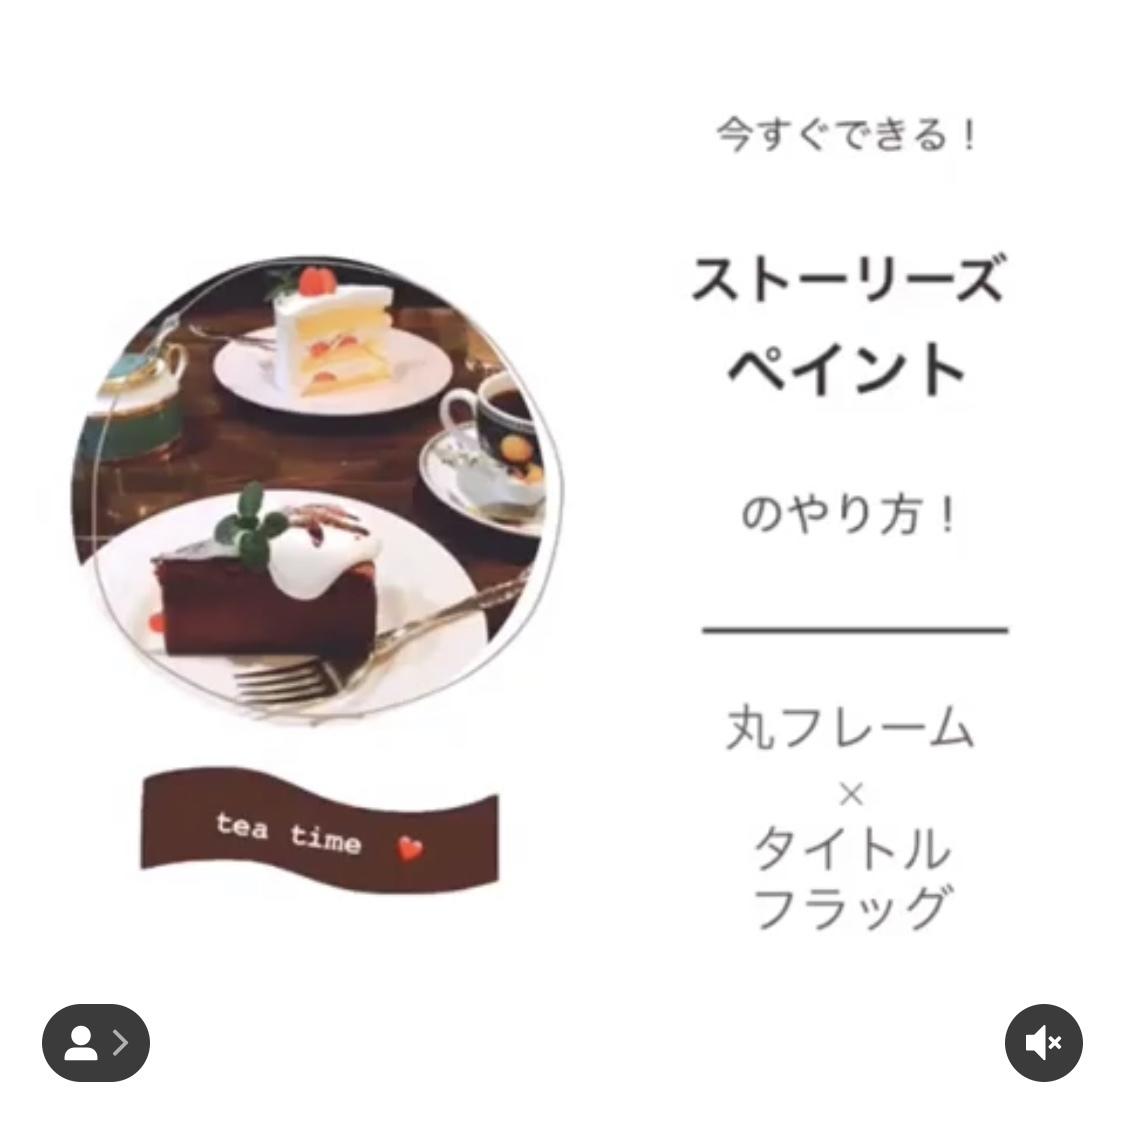 【誰でも簡単】Instagramのストーリーを可愛くする方法!_1_3-2